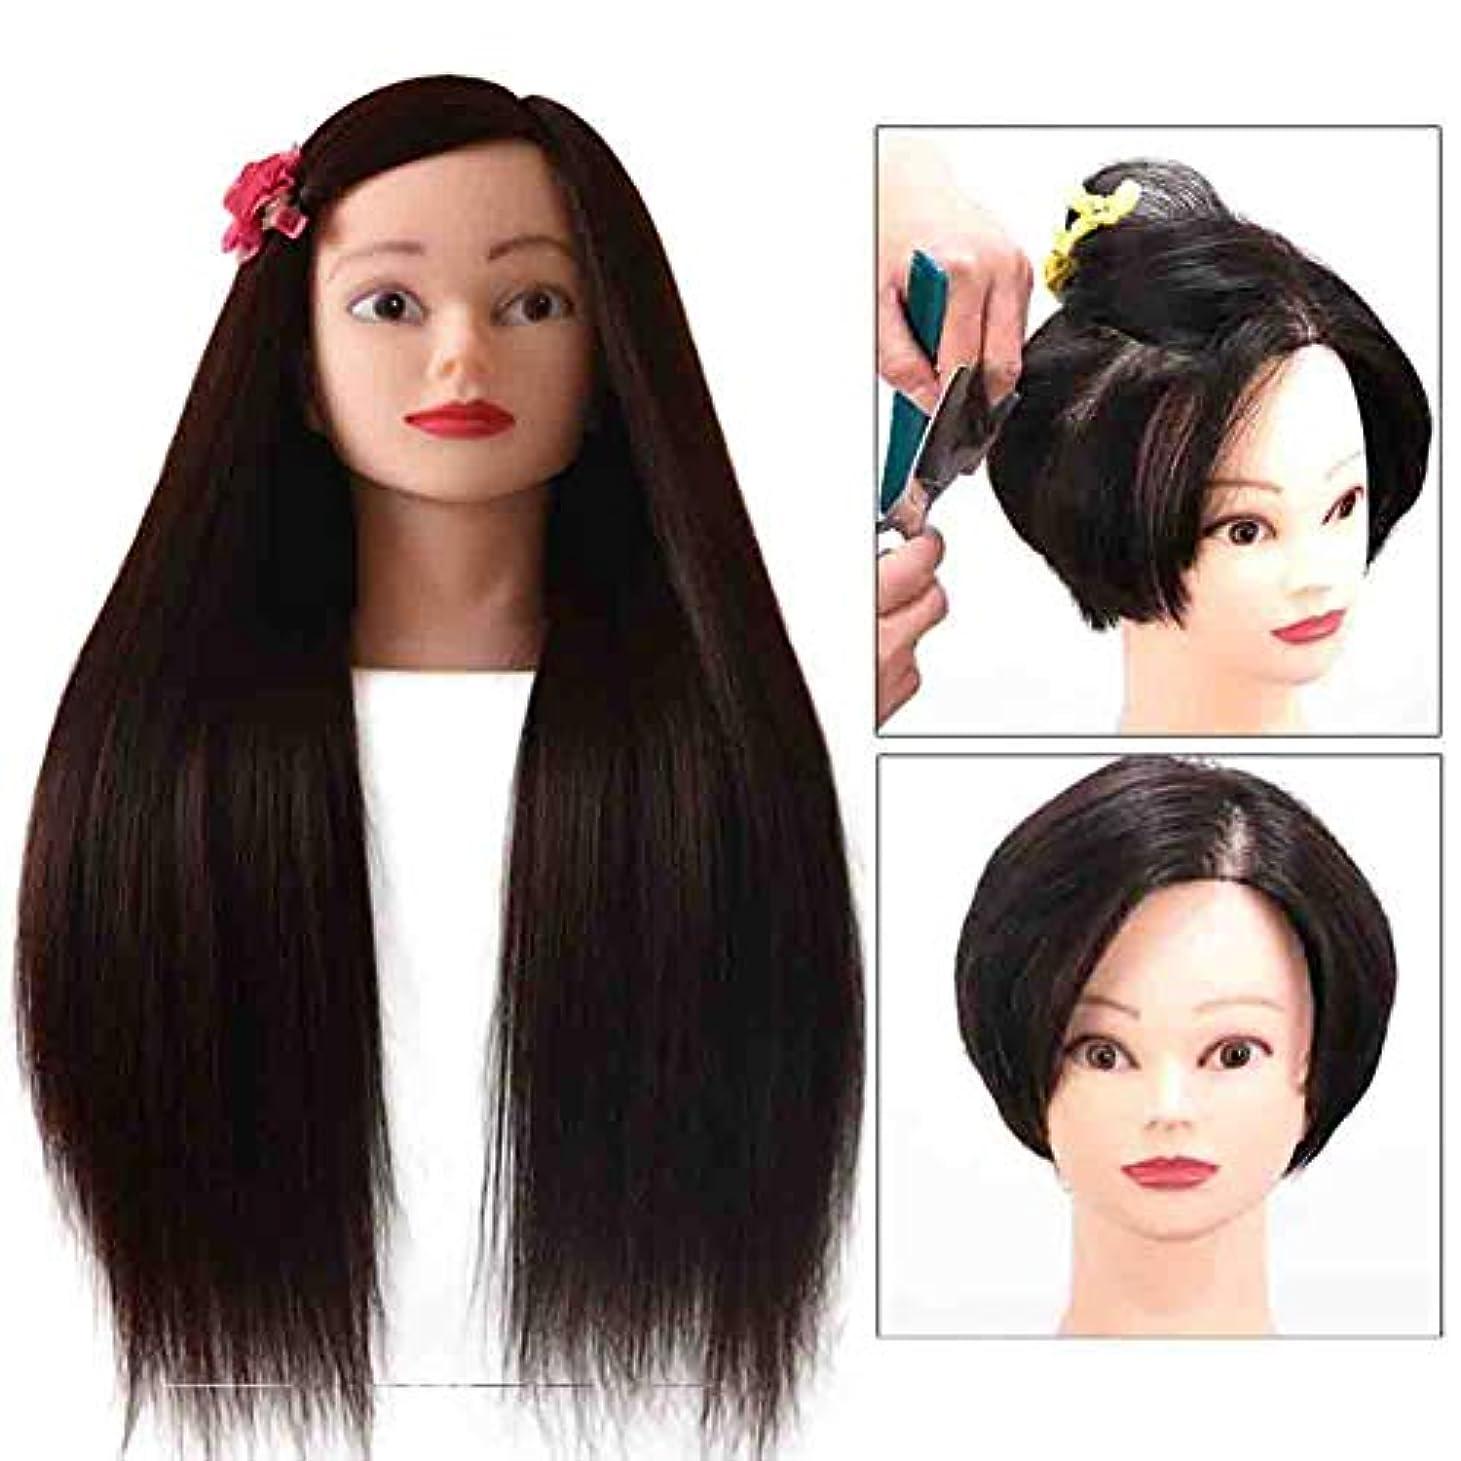 苦情文句火傷神トウモロコシホットシミュレーションヘアメイクヘアプレートヘアダミー練習ヘッド金型理髪店初心者トリムヘアトレーニングヘッド